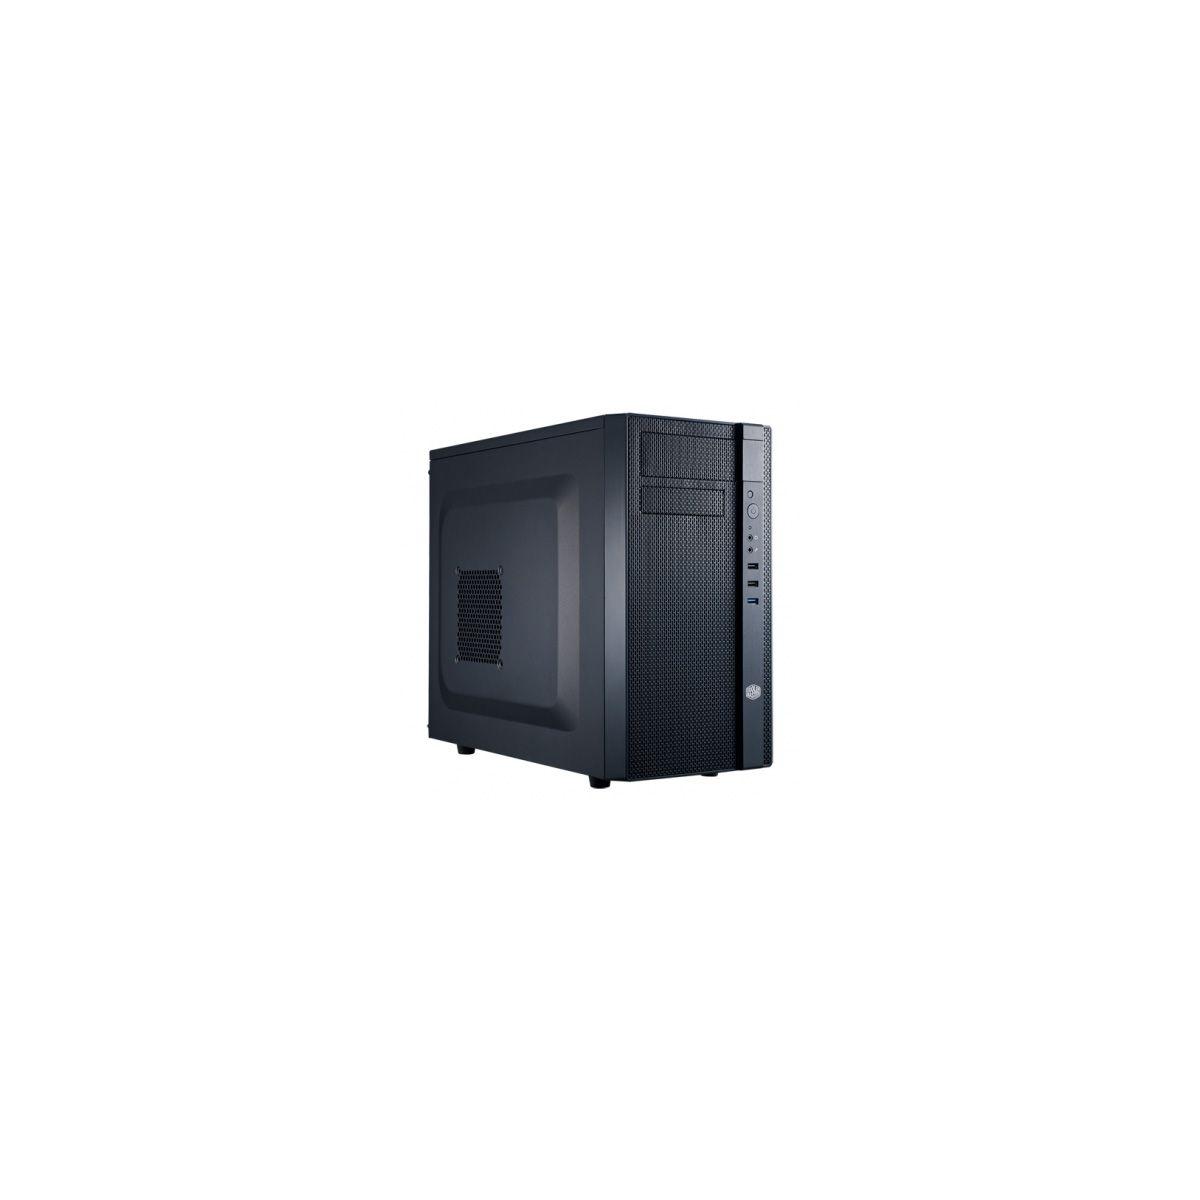 Boîtier cooler master n200 tour midi - mini itx / micro atx - 2% de remise immédiate avec le code : cool2 (photo)